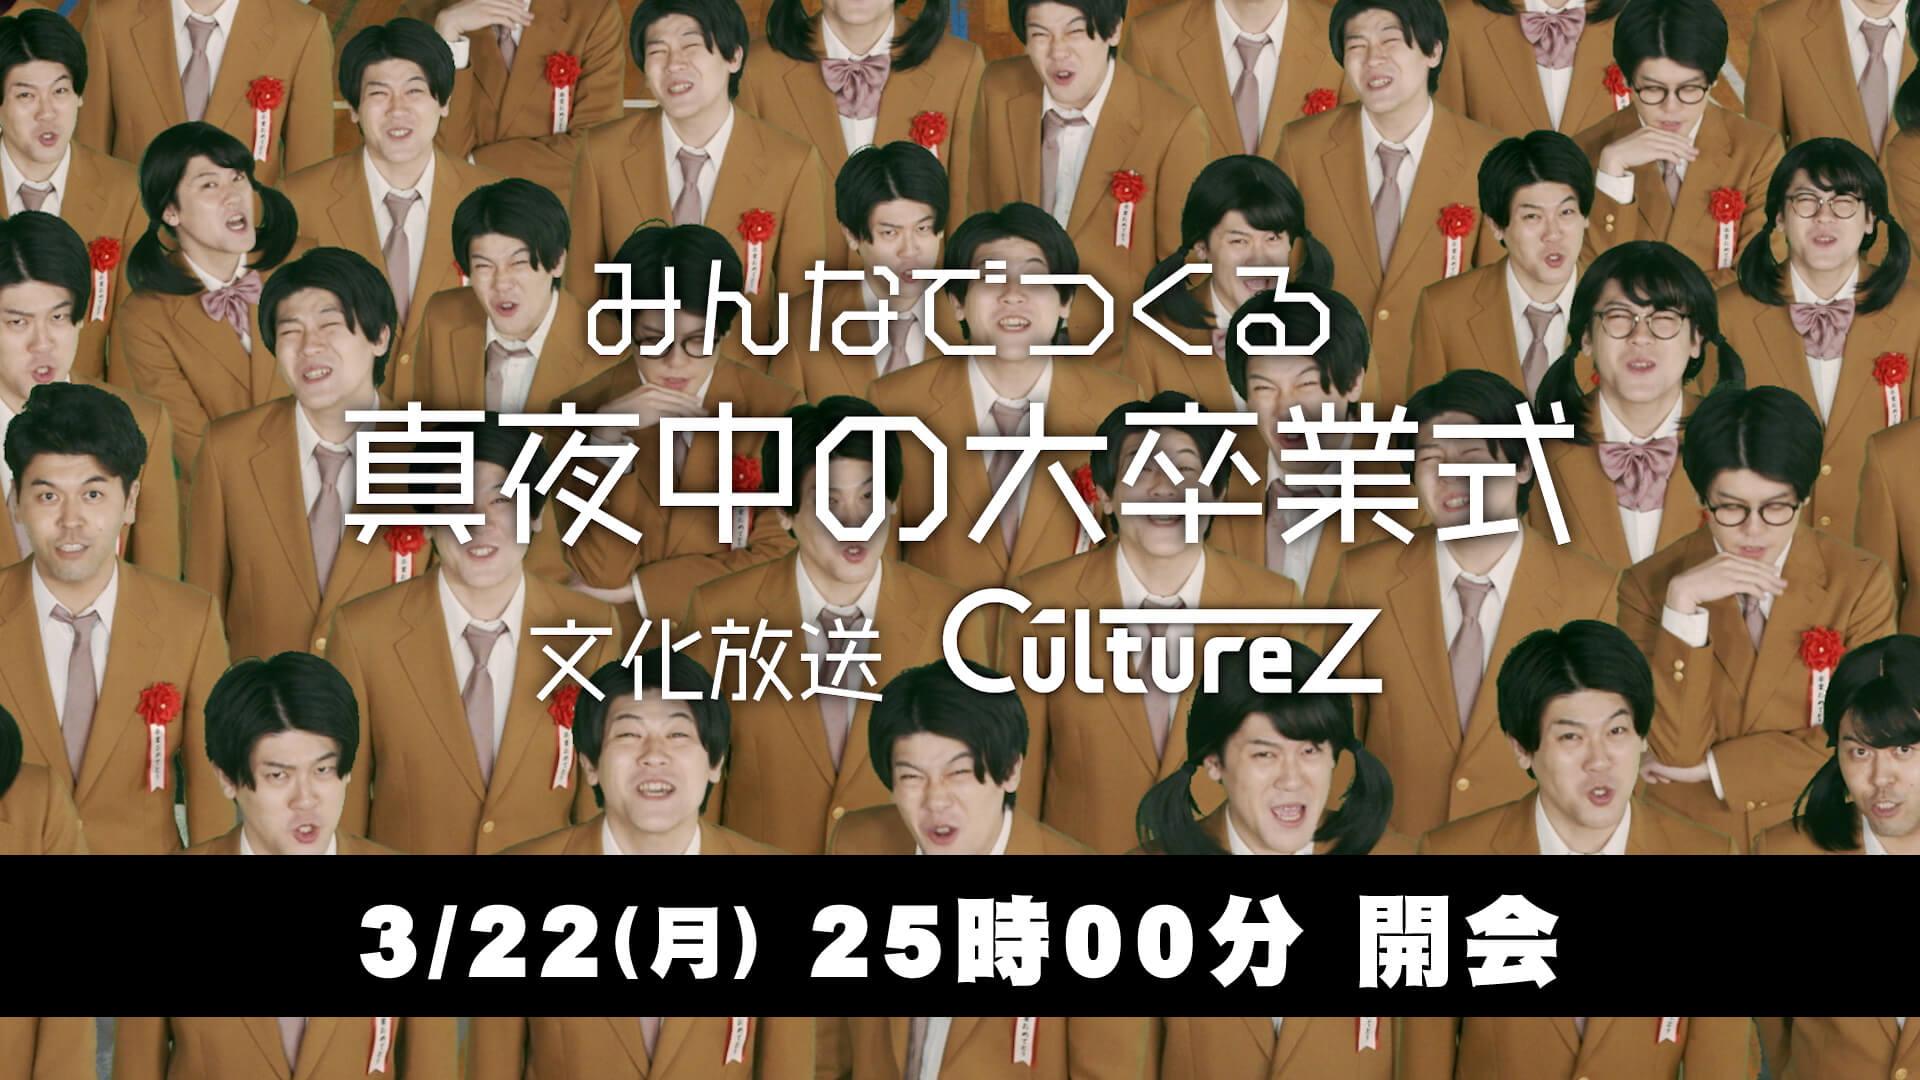 卒業生リスナー大募集!3/22(月)土佐兄弟のCultureZ みんなでつくる真夜中の大卒業式!